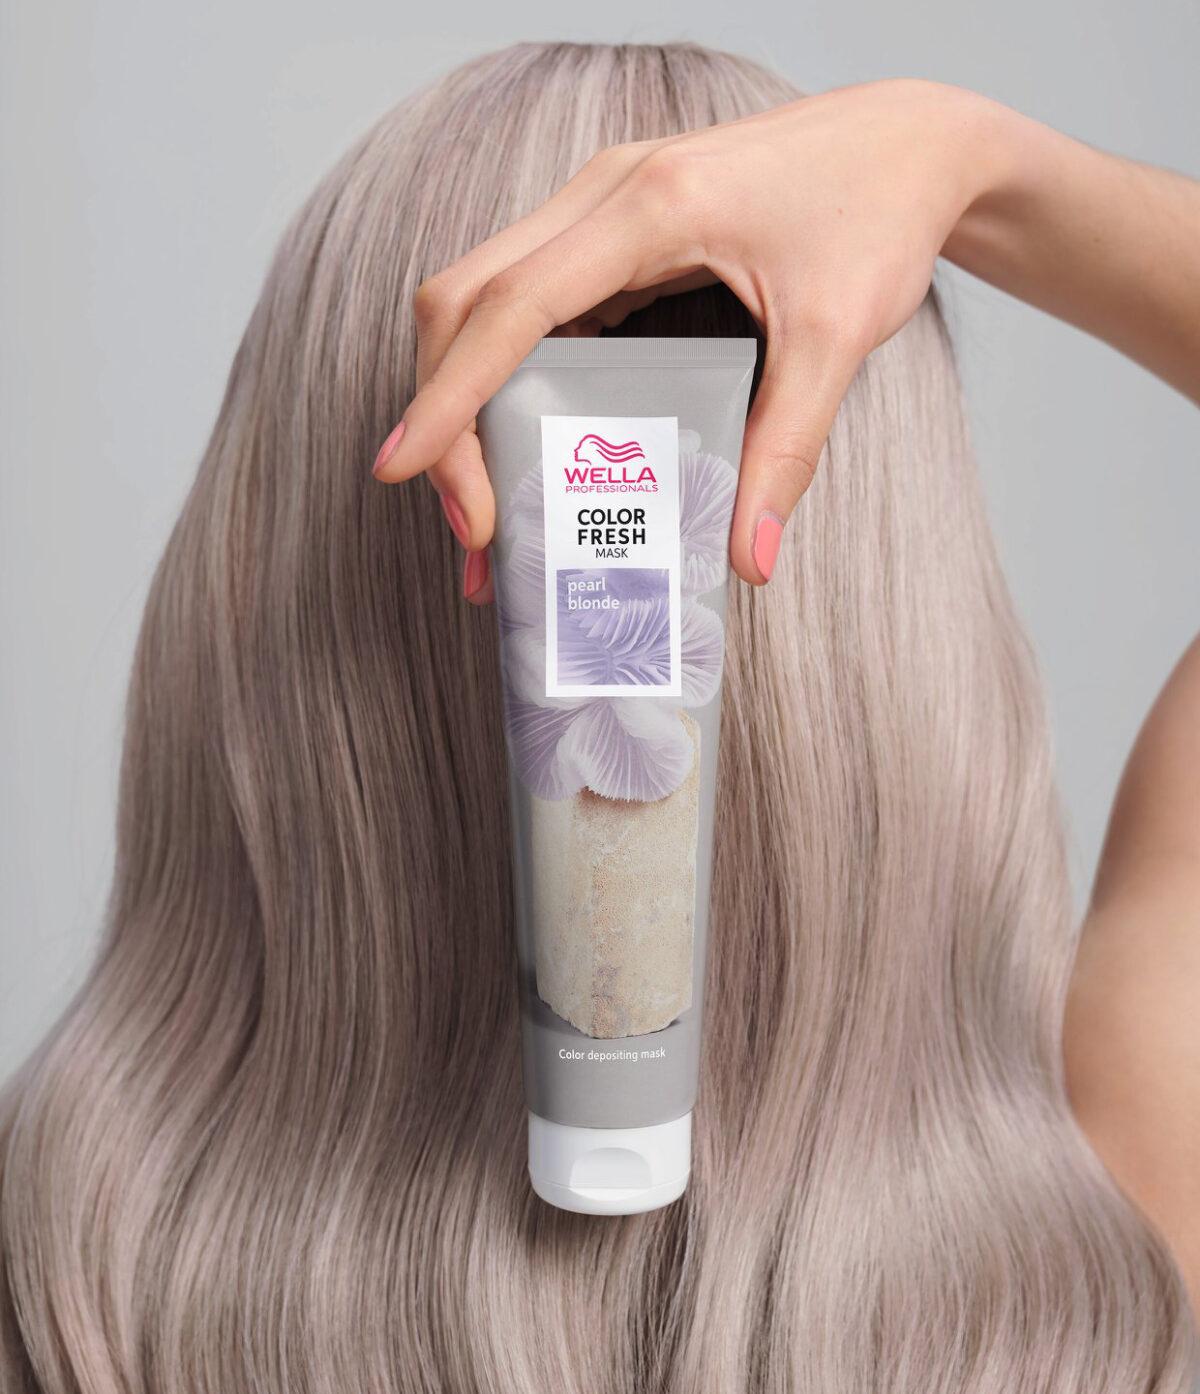 Masque pour entretenir ses cheveux colorés